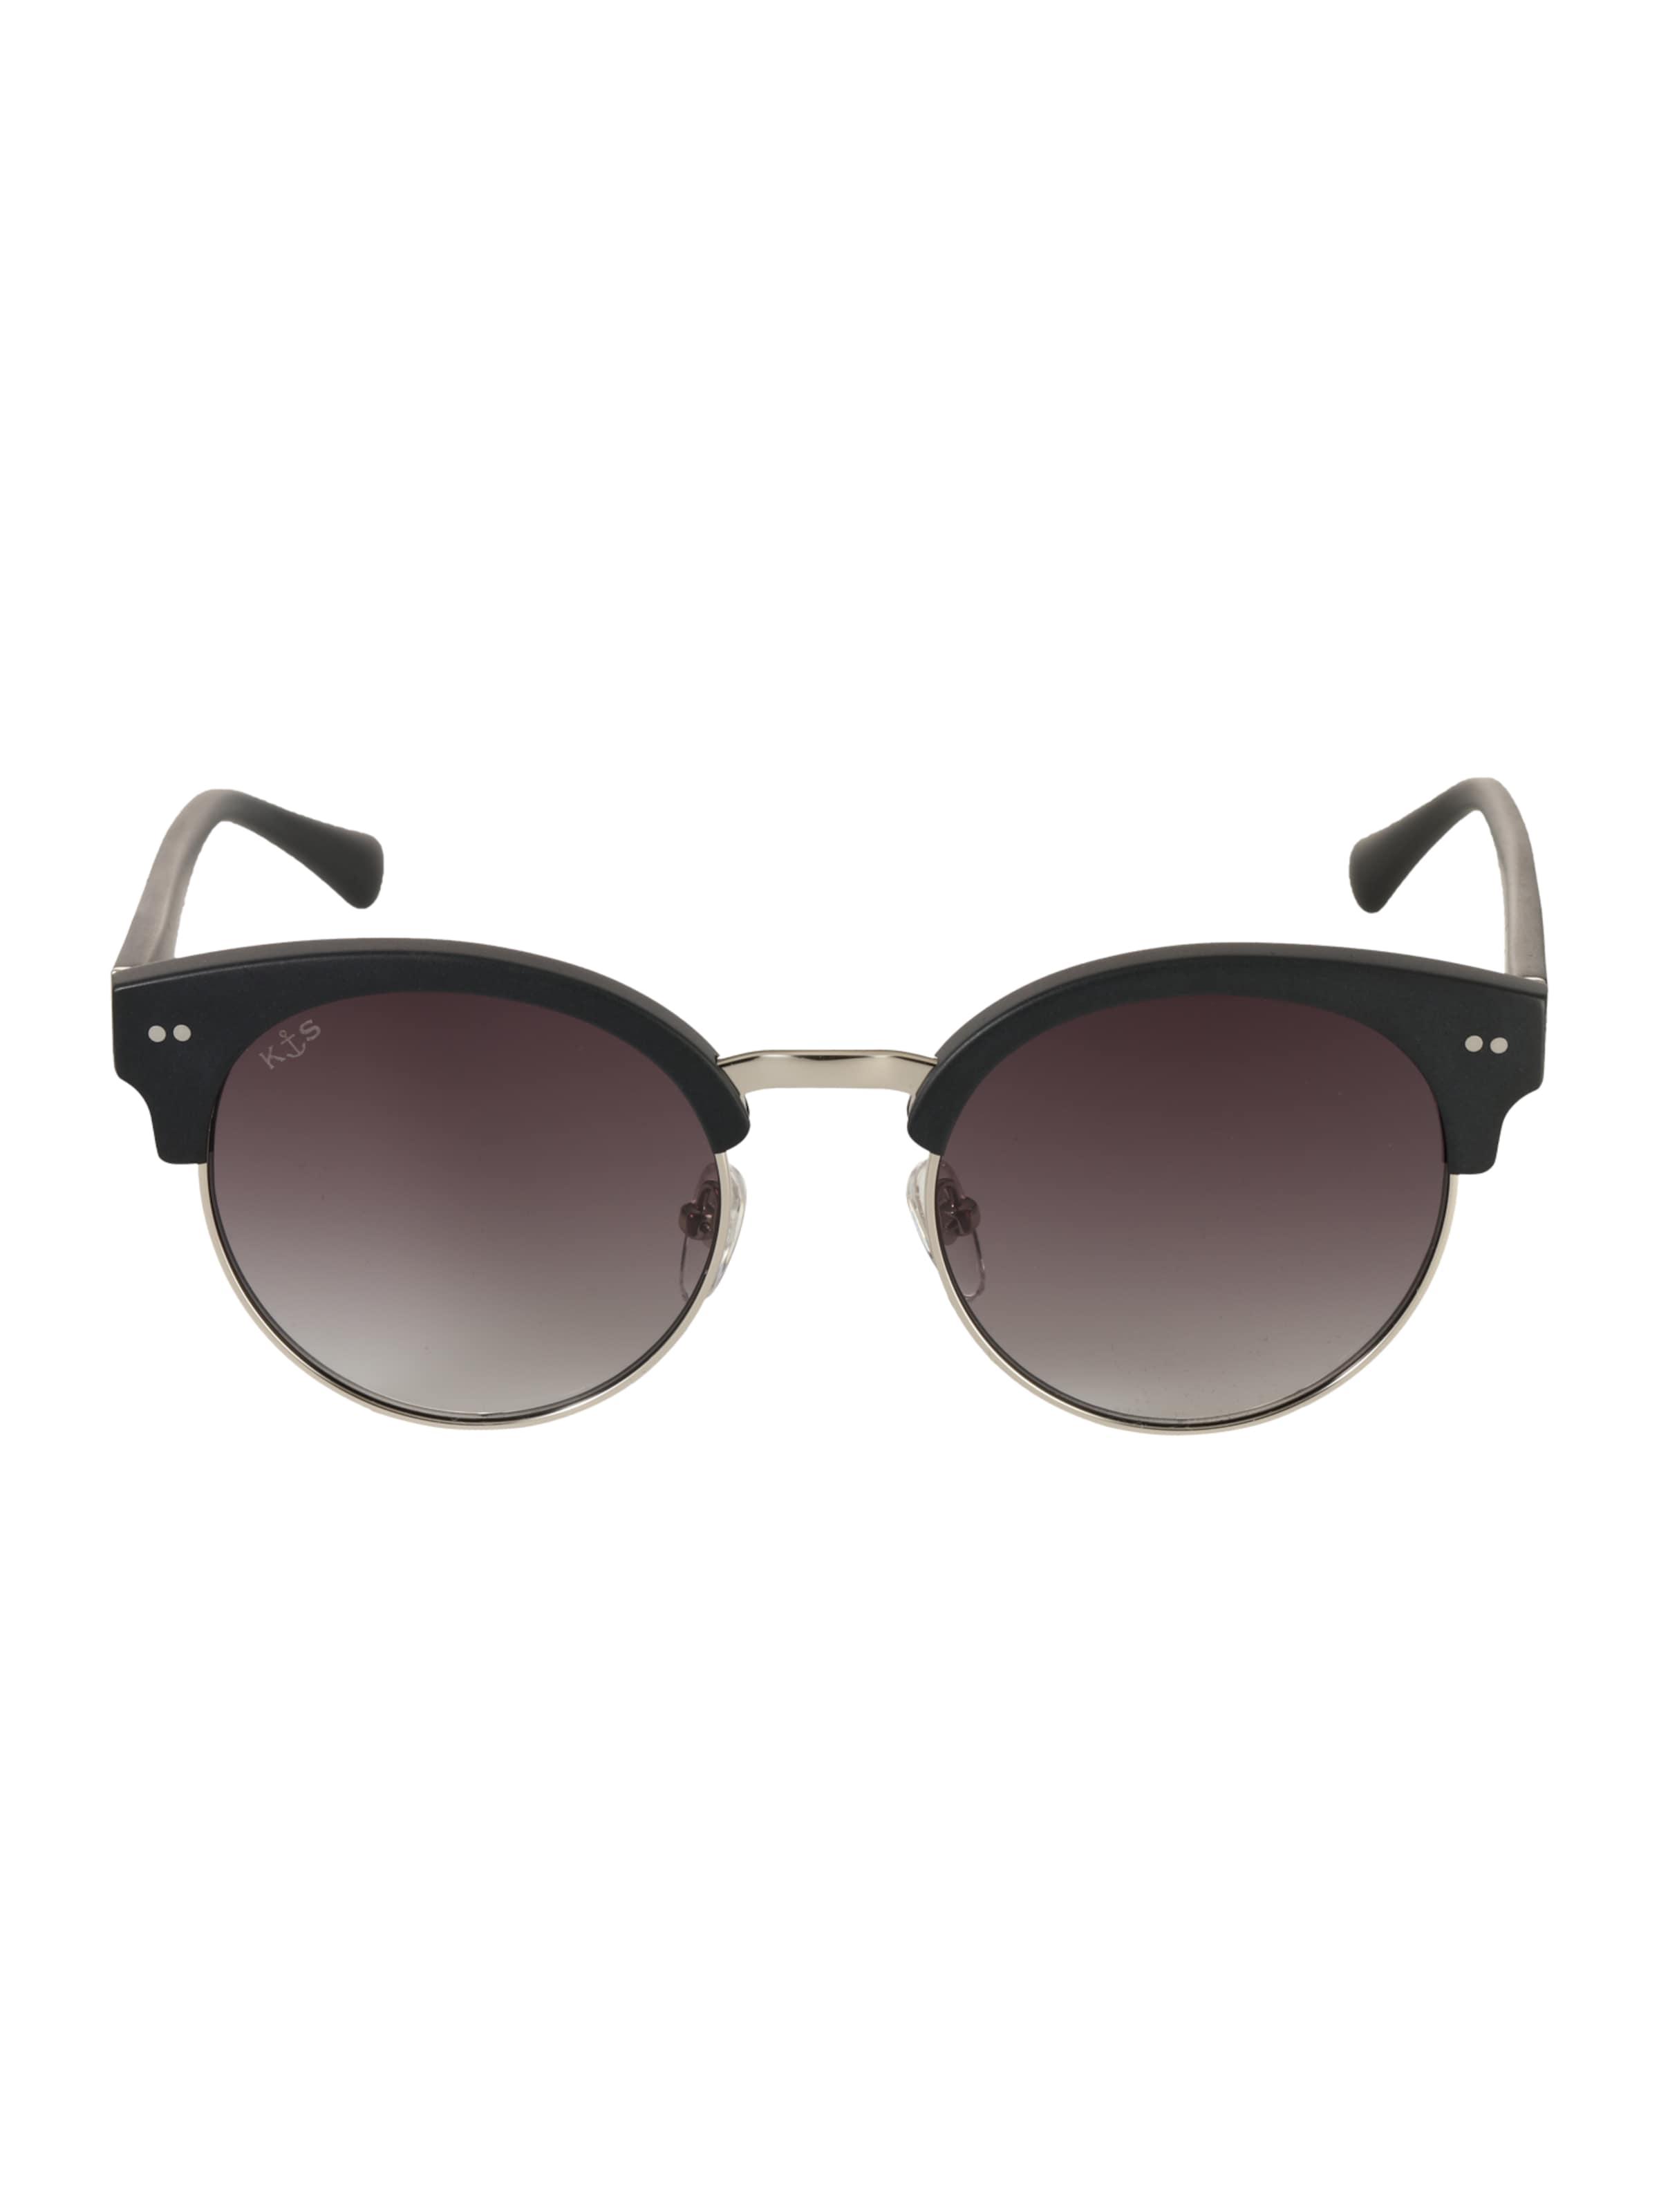 Kapten & Son Sonnenbrille 'Capri' Outlet Kaufen MrZhdW